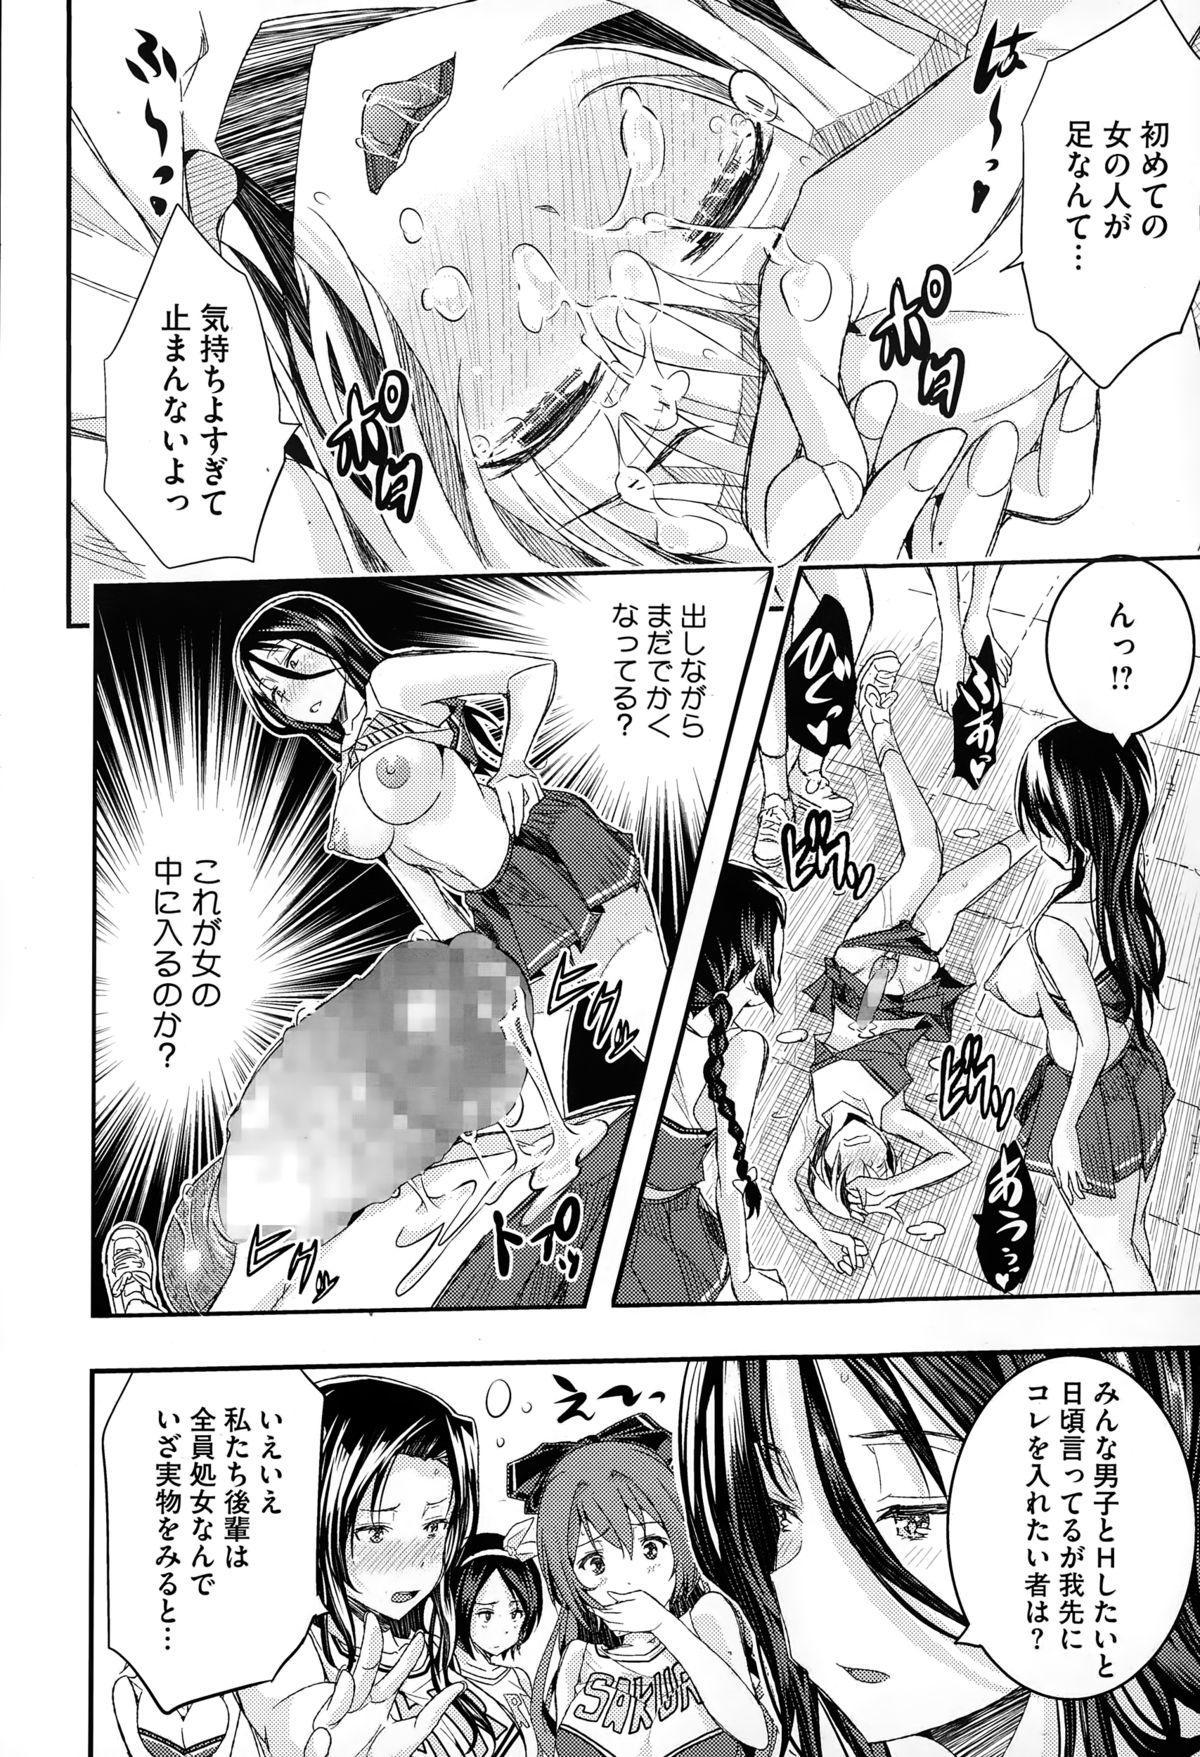 Otome no Mitame ga Kawaisugite Tamaranai 9